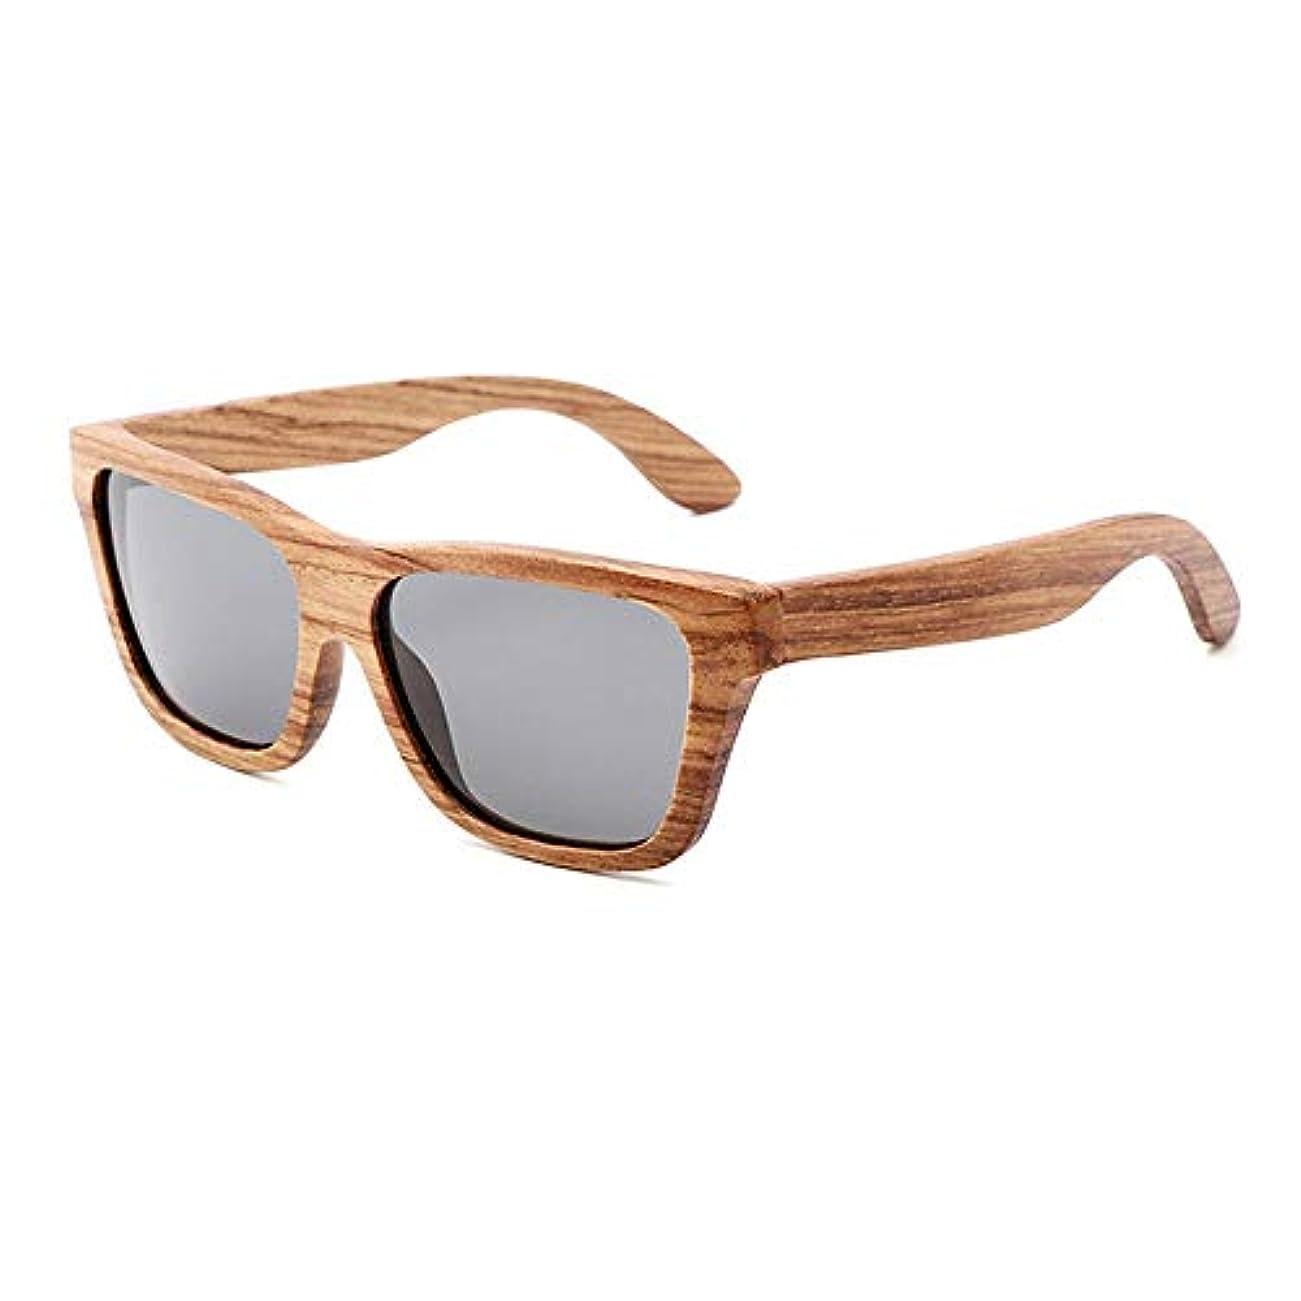 データ罰足枷木製サングラス/旅行、アウトドアスポーツ、アクティビティの男性用、家族や友達へのプレゼントとしてのUV400偏光ウッドサングラス/ハンドメイドメガネ